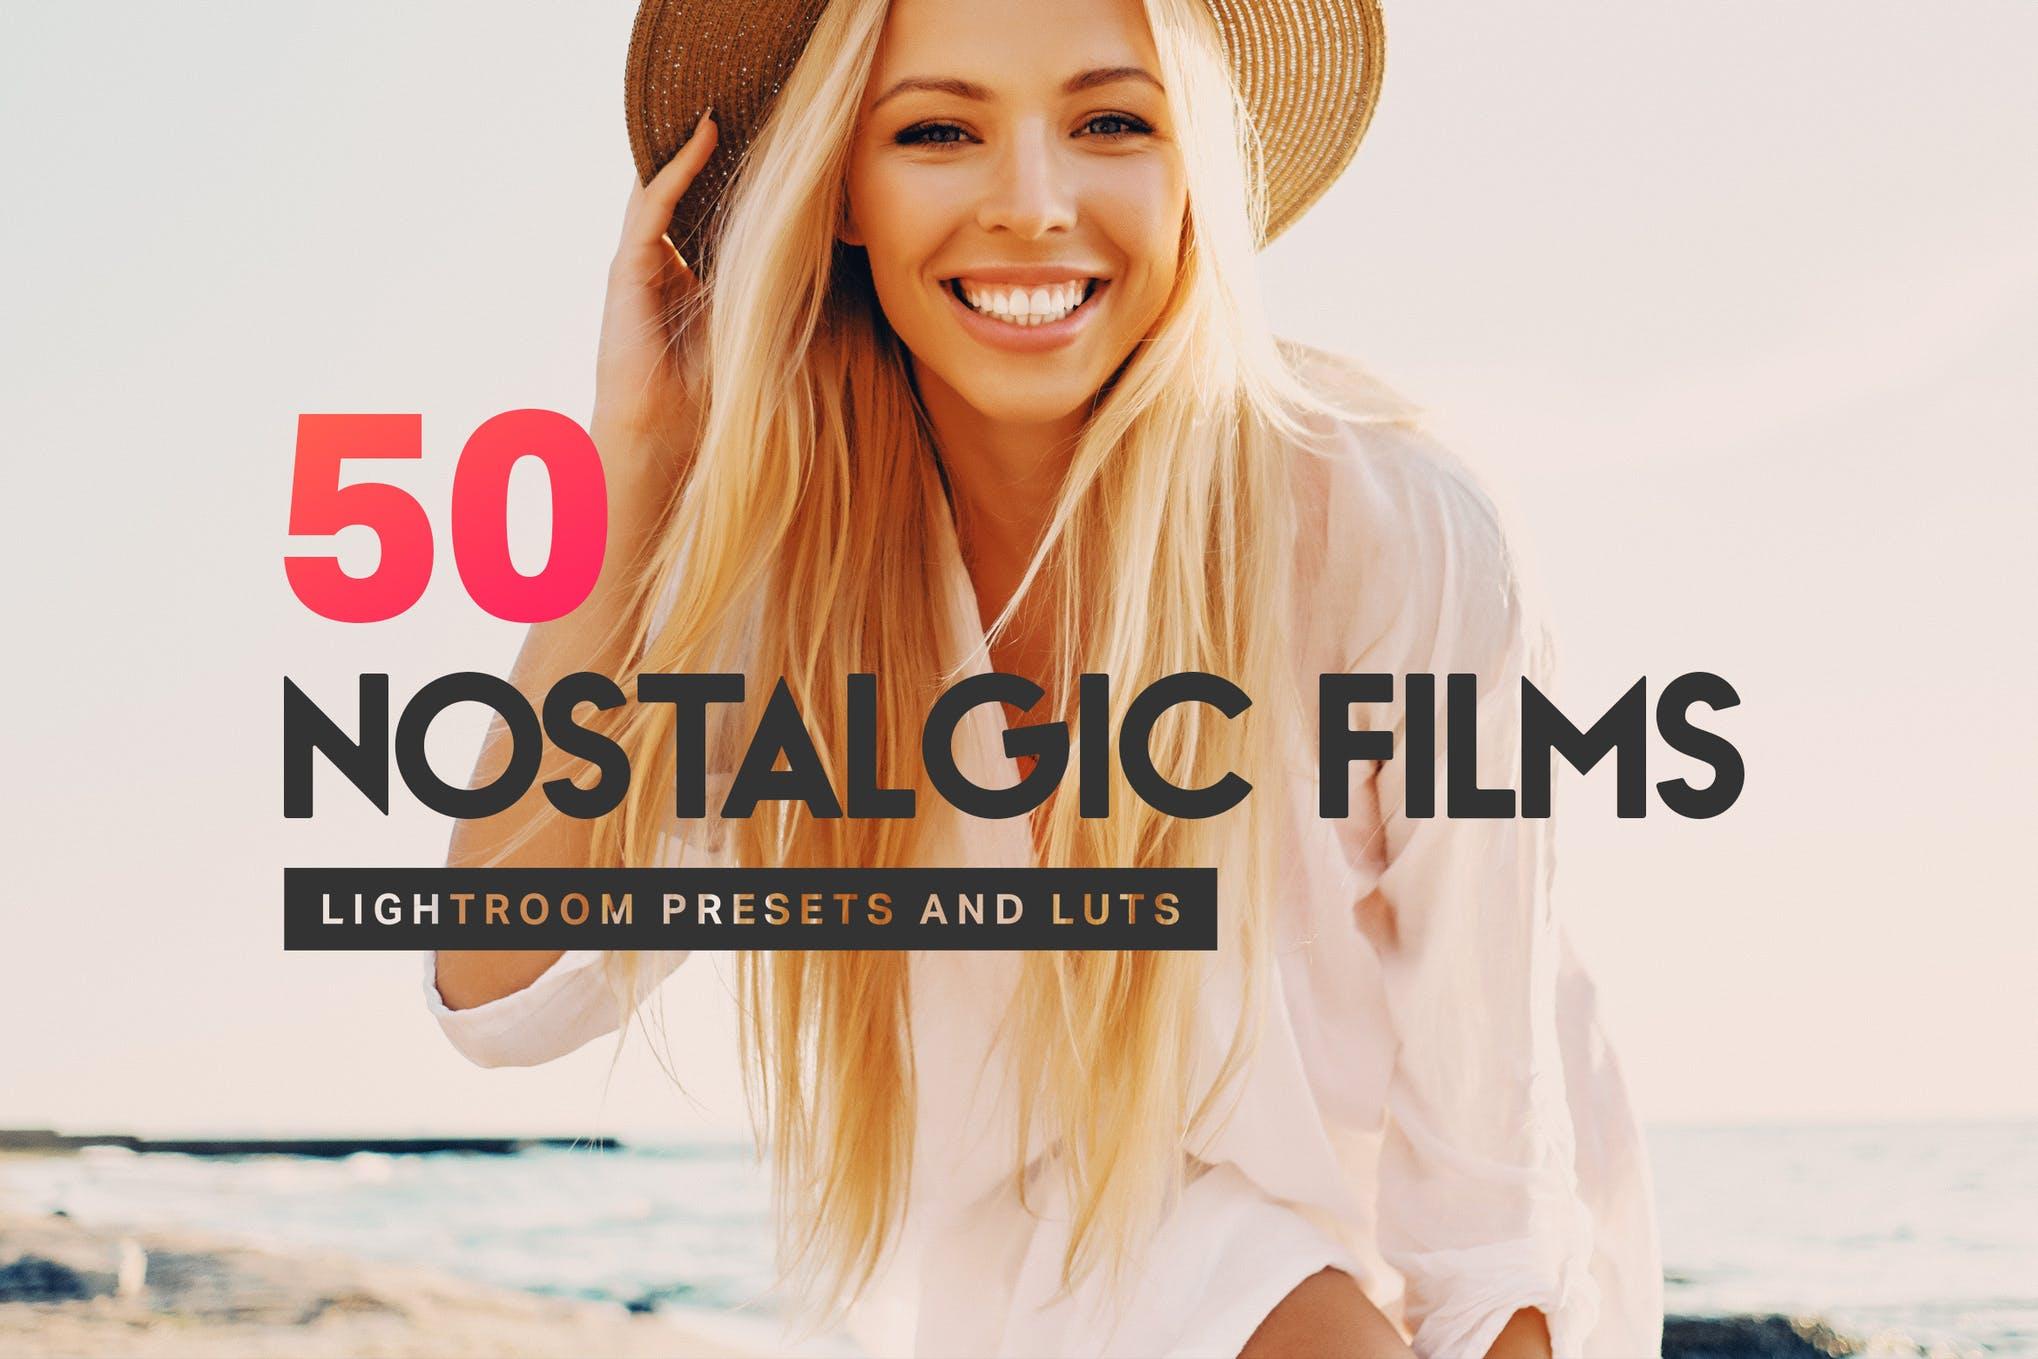 lightroom film presets